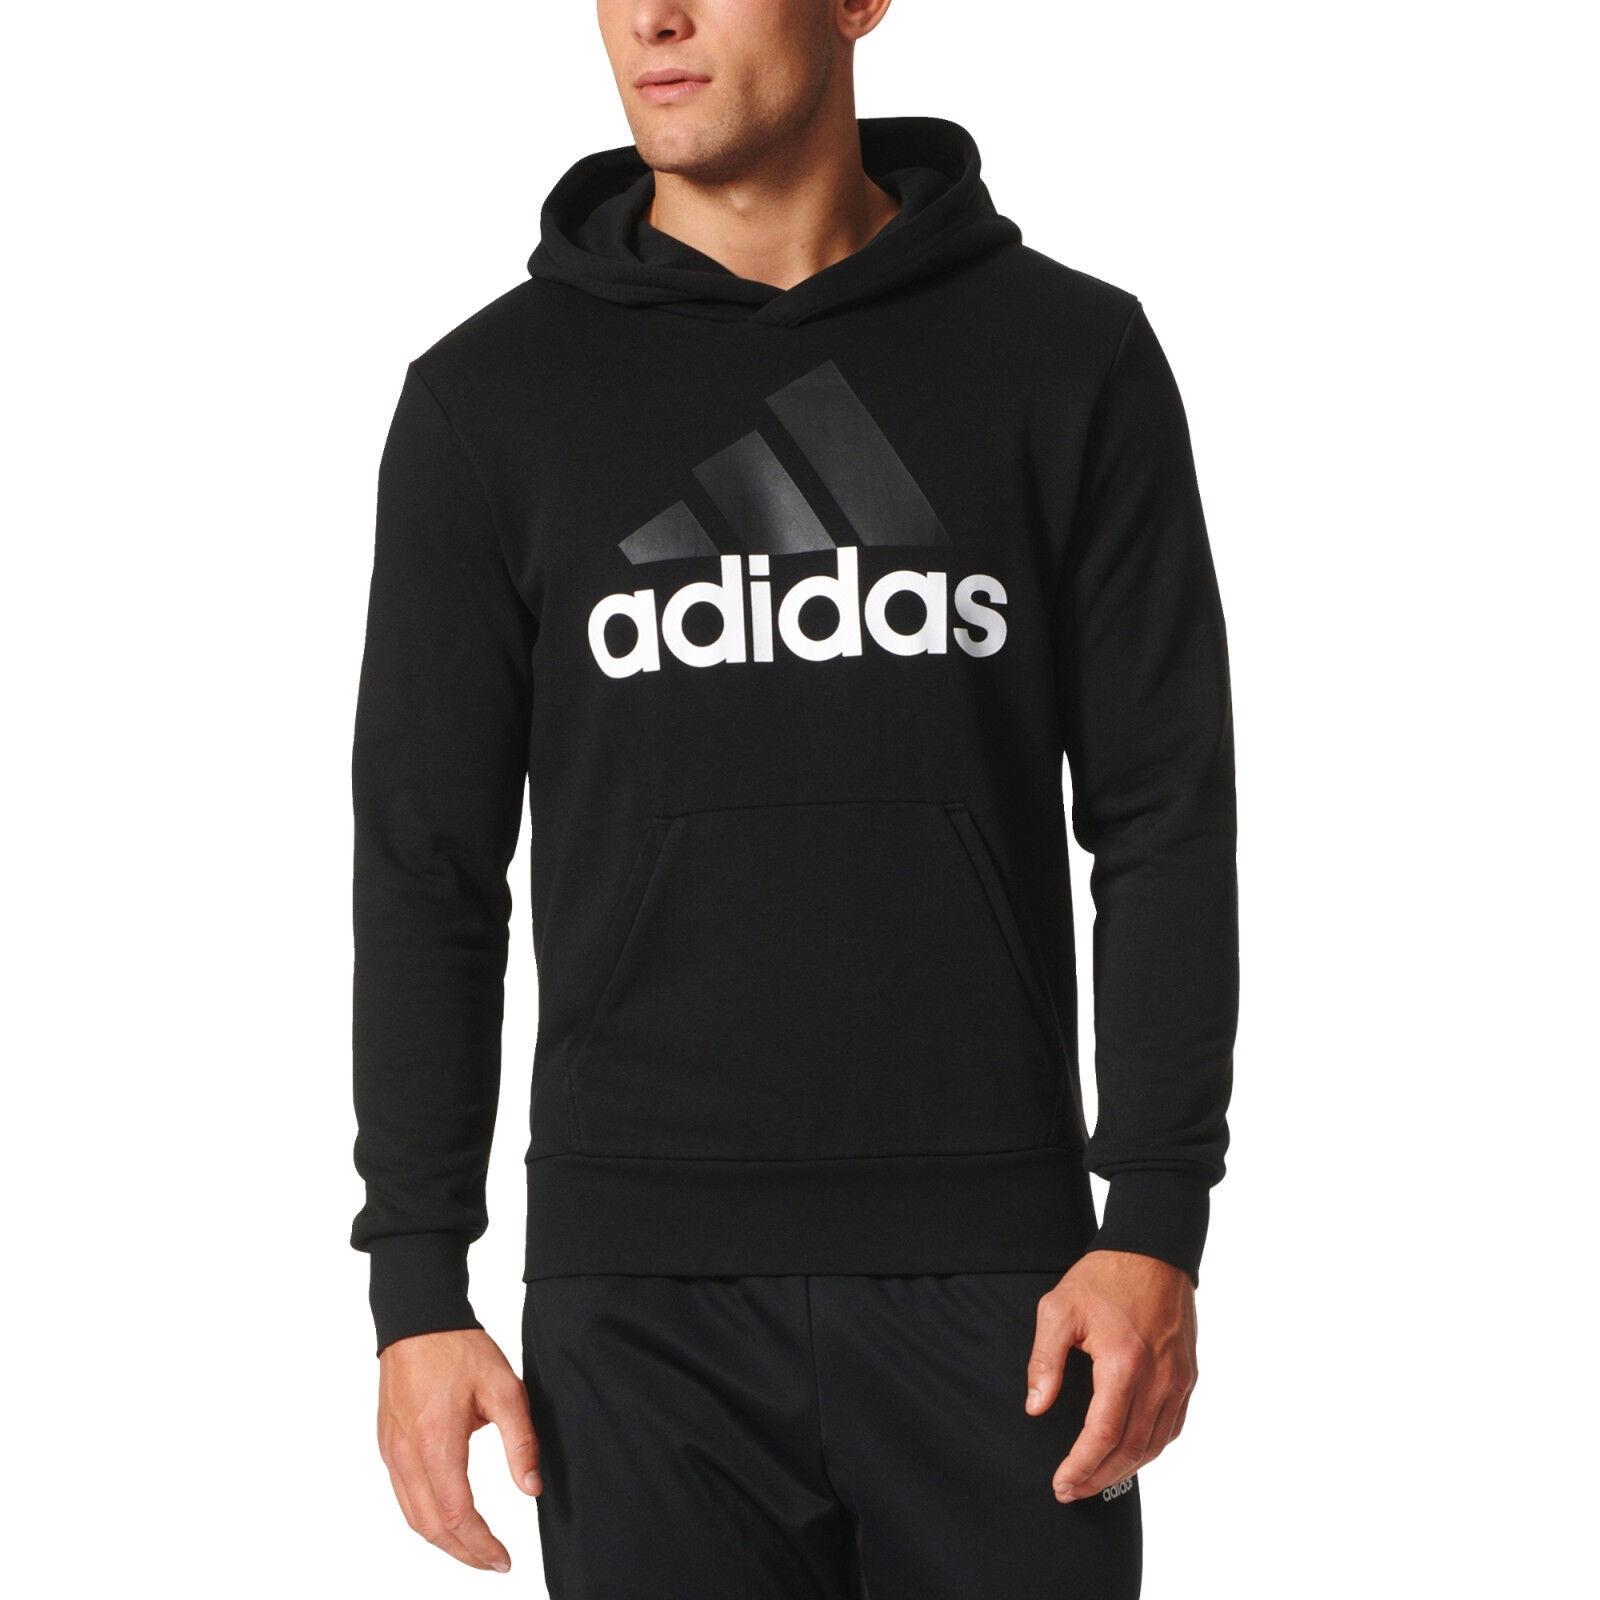 Venta > jersey adidas hombre > en stock